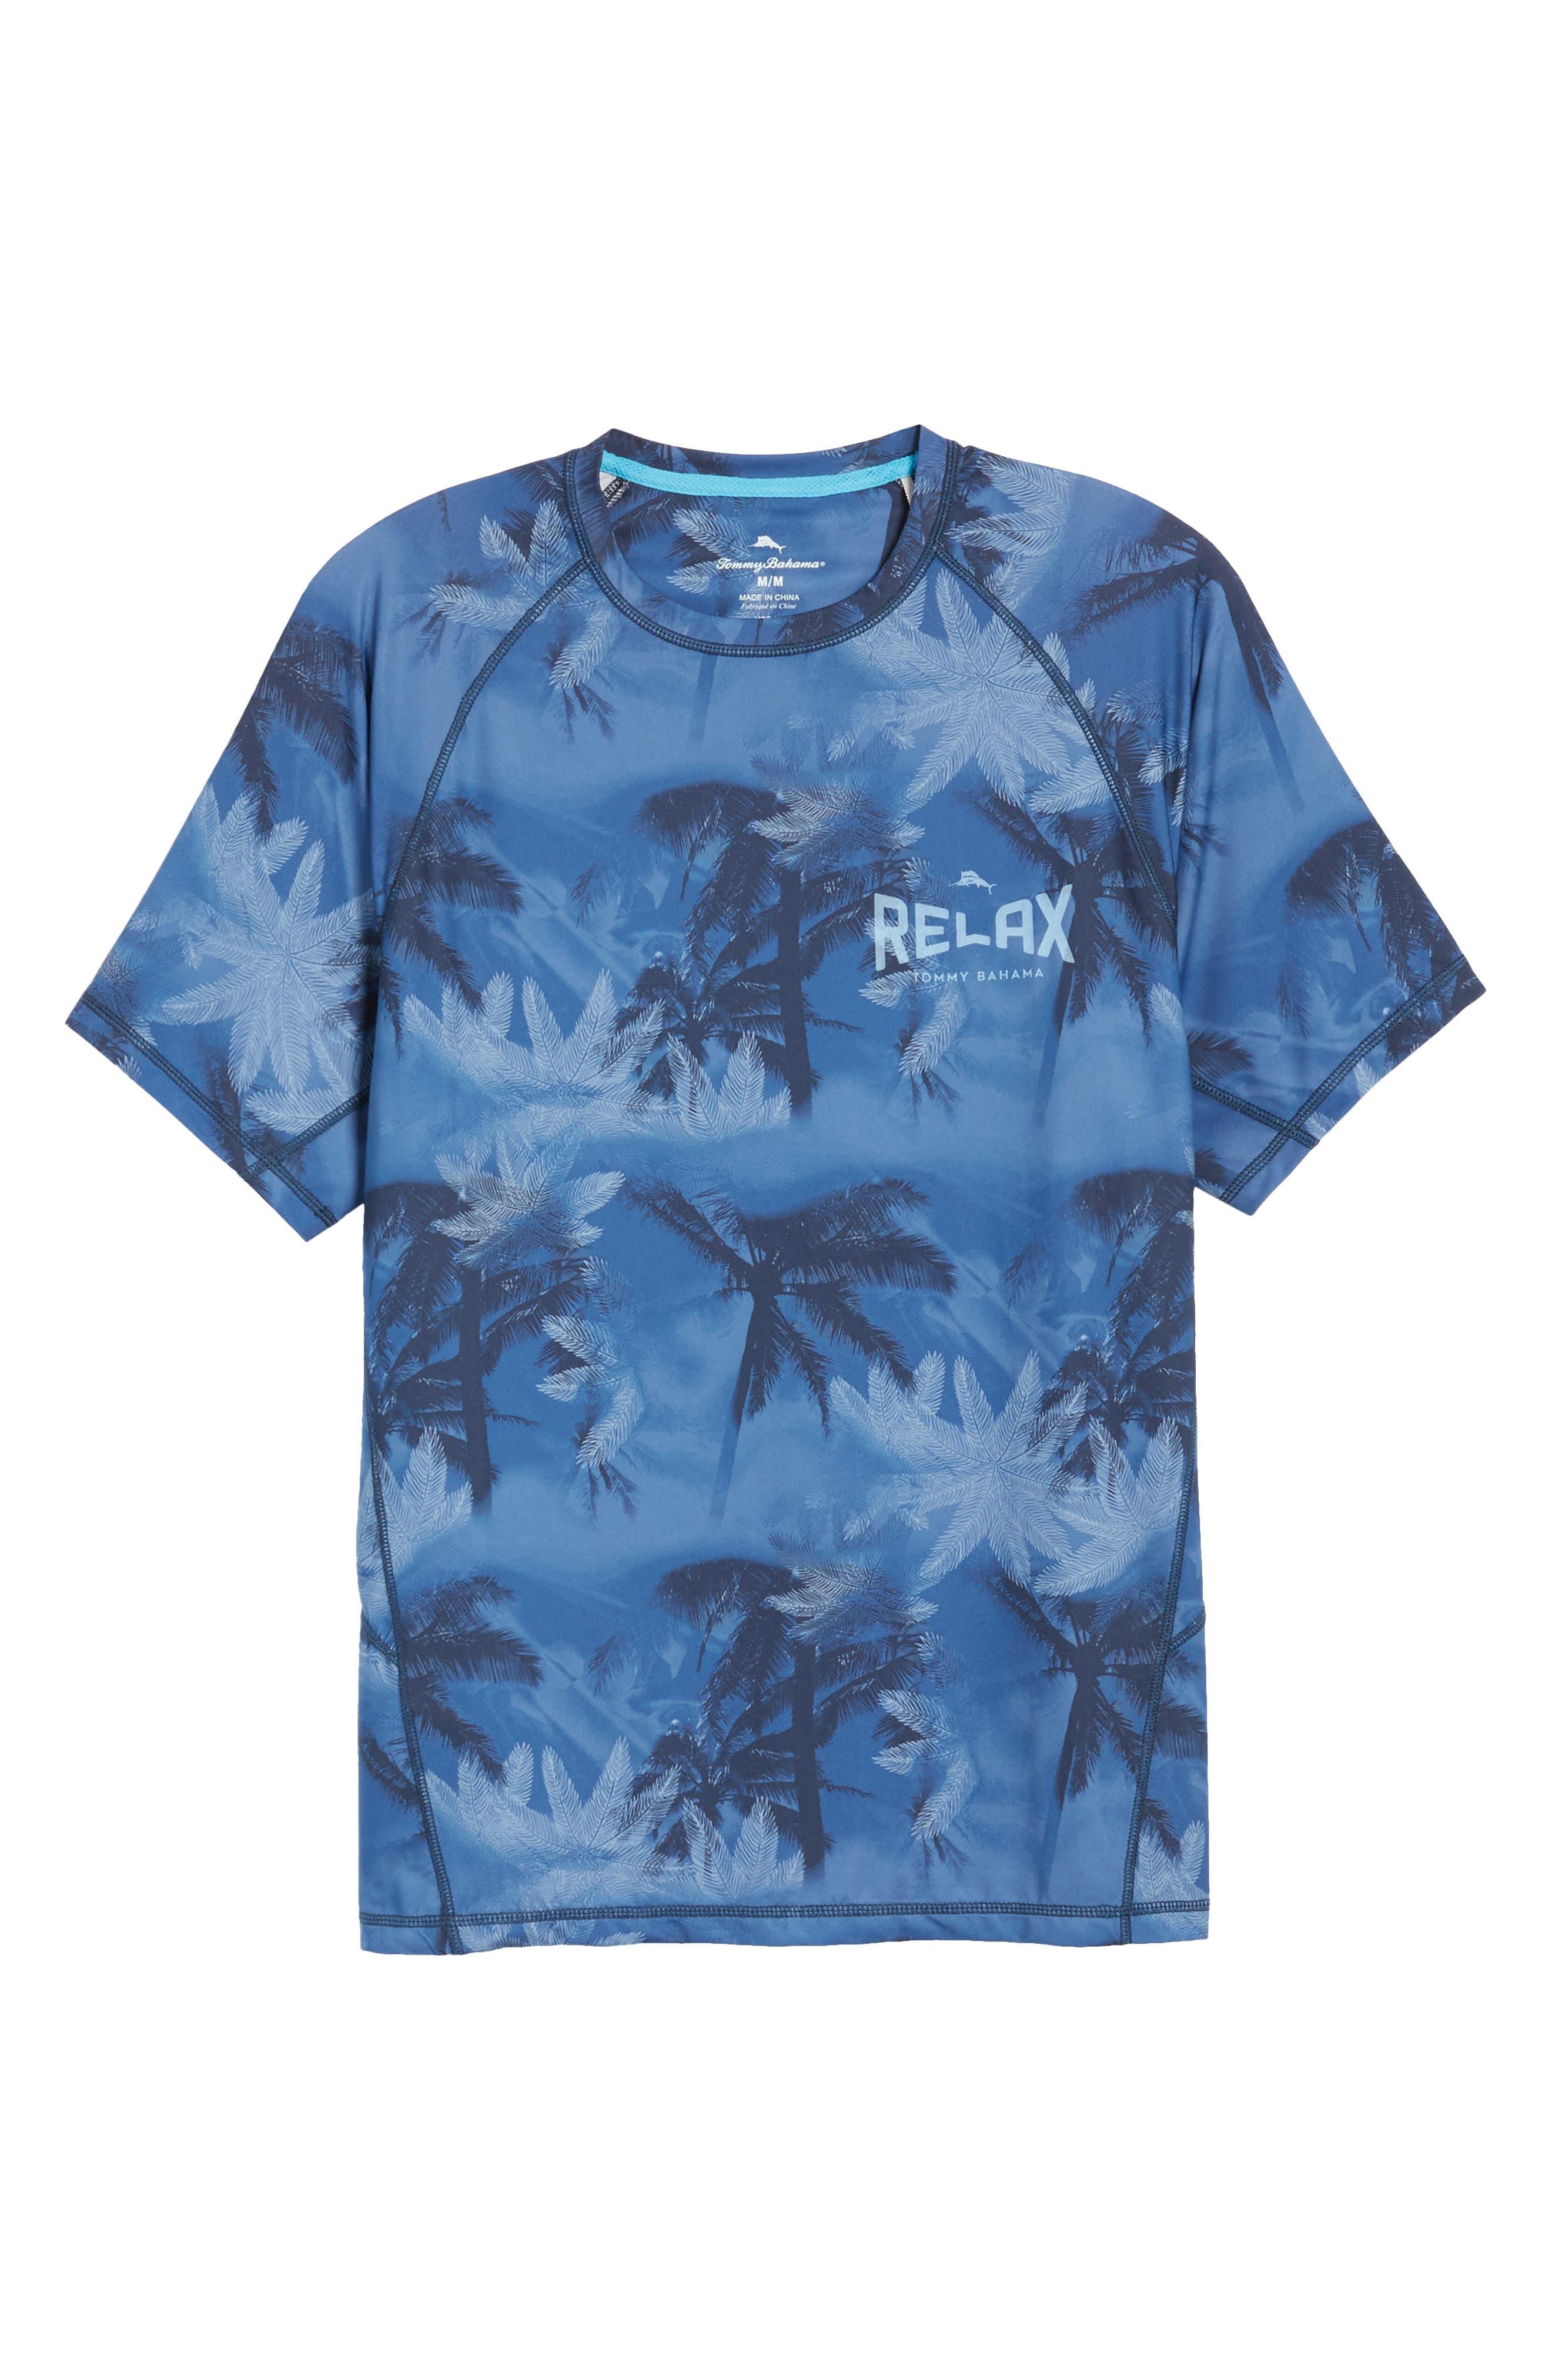 Tropic Haze Print Performance T-Shirt,                             Alternate thumbnail 6, color,                             400